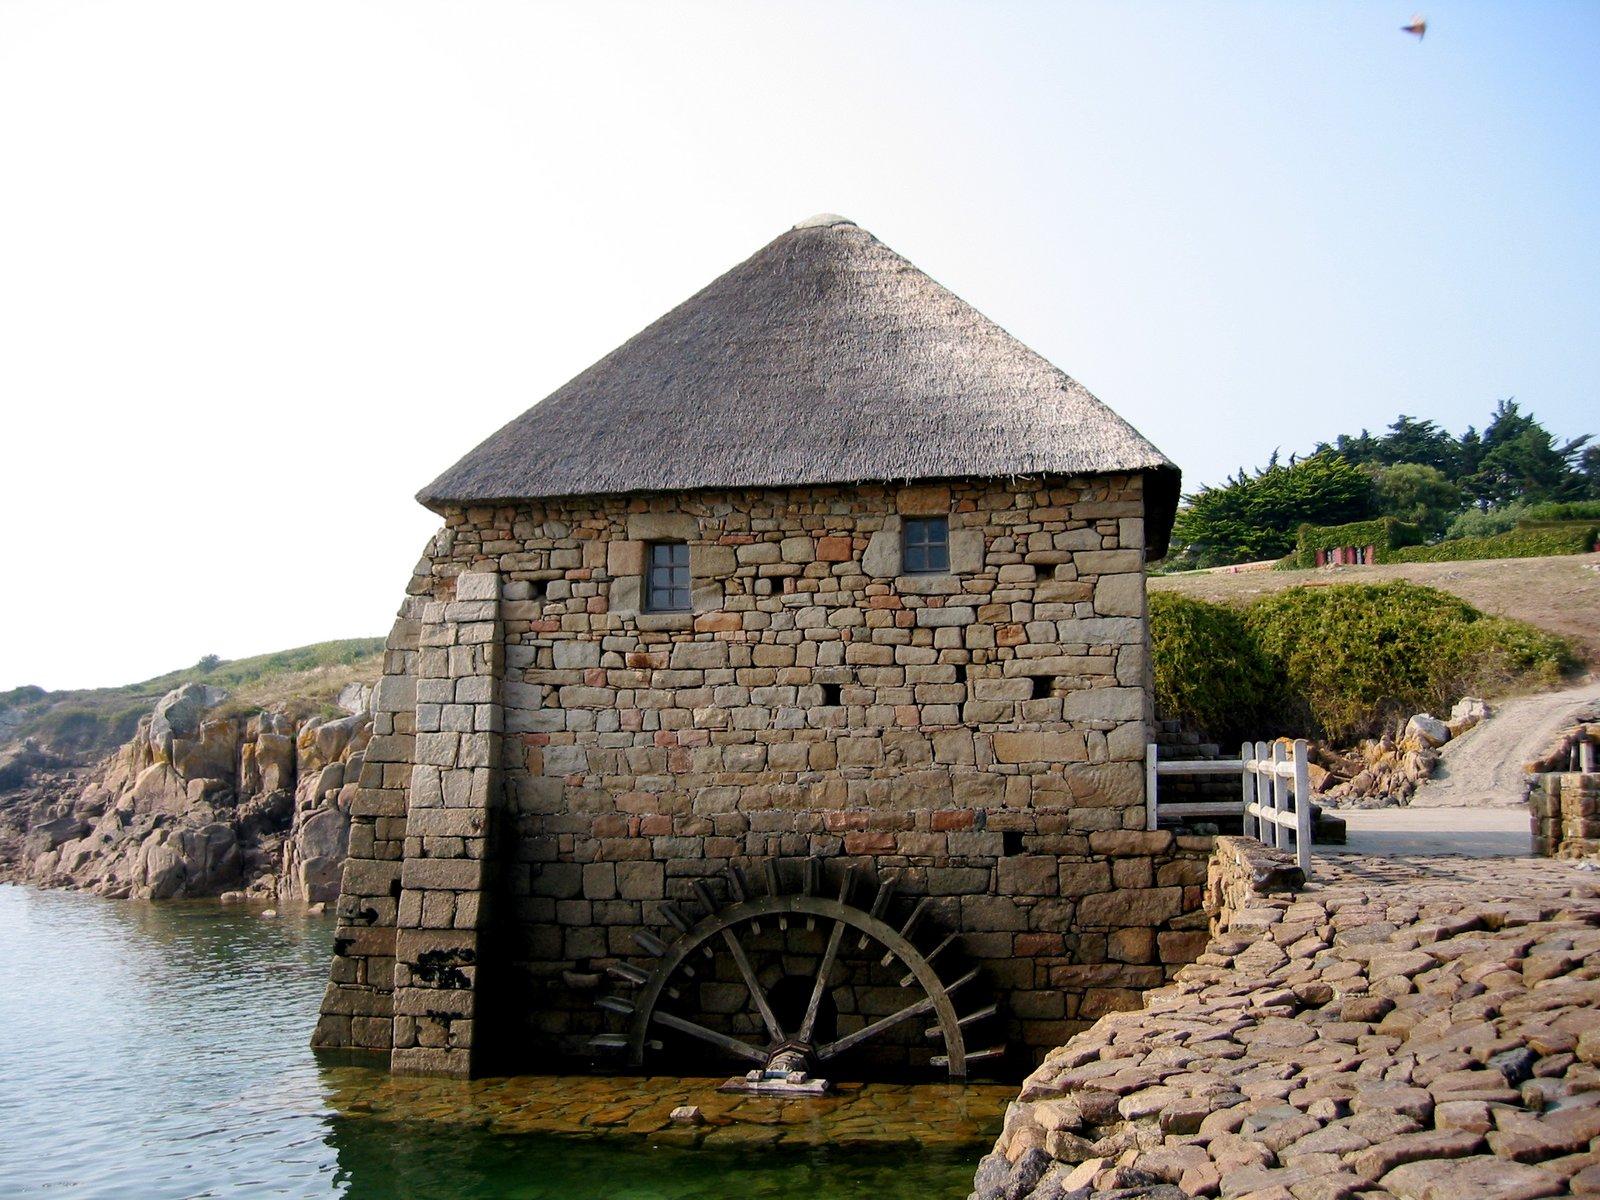 Na zewnętrznej ścianie budynku stojącego przy strumieniu zamontowane jest drewniane koło, które kręci się napędzane płynącą wodą. Pod dachem budynku są dwa małe okna. Wtle jest droga izielone zarośla.